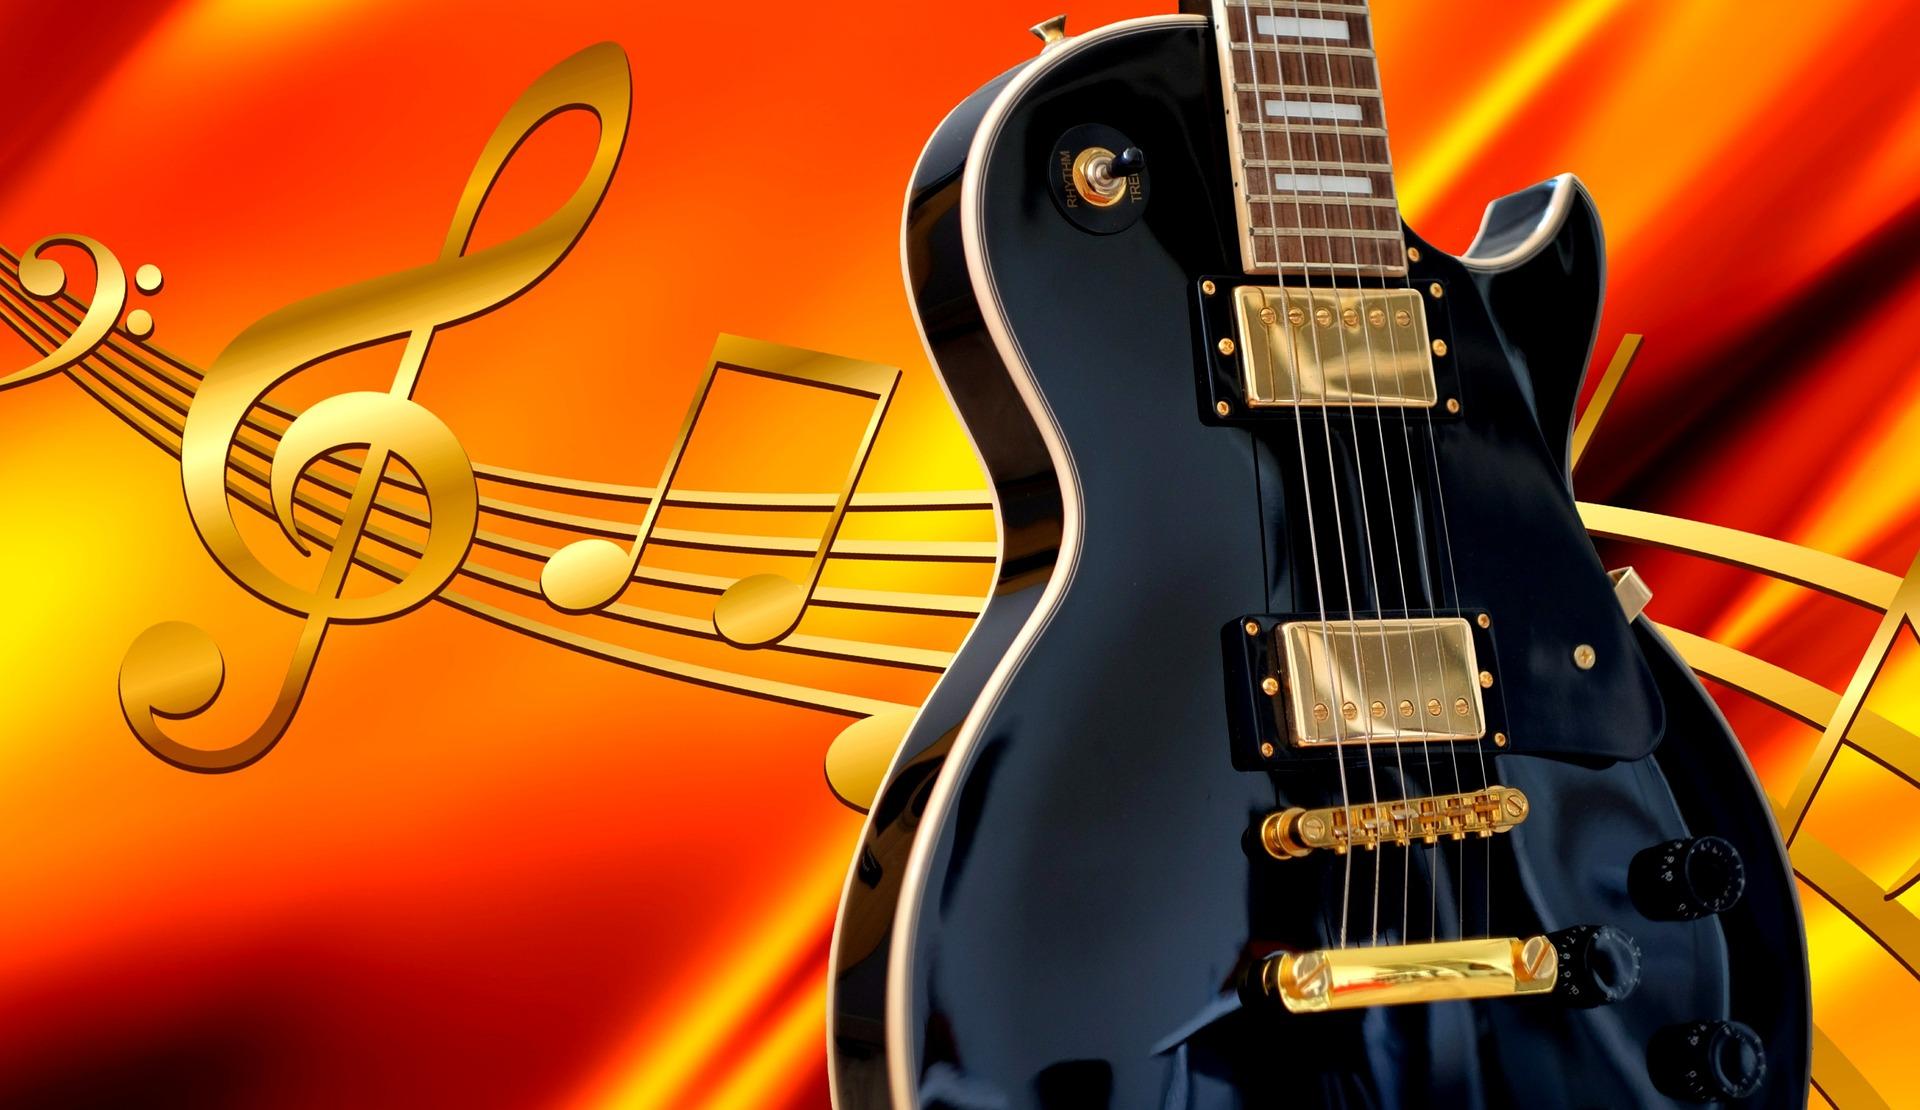 ギターを習いたい!ギターレッスン・ギター講座が安いギター教室・音楽教室比較